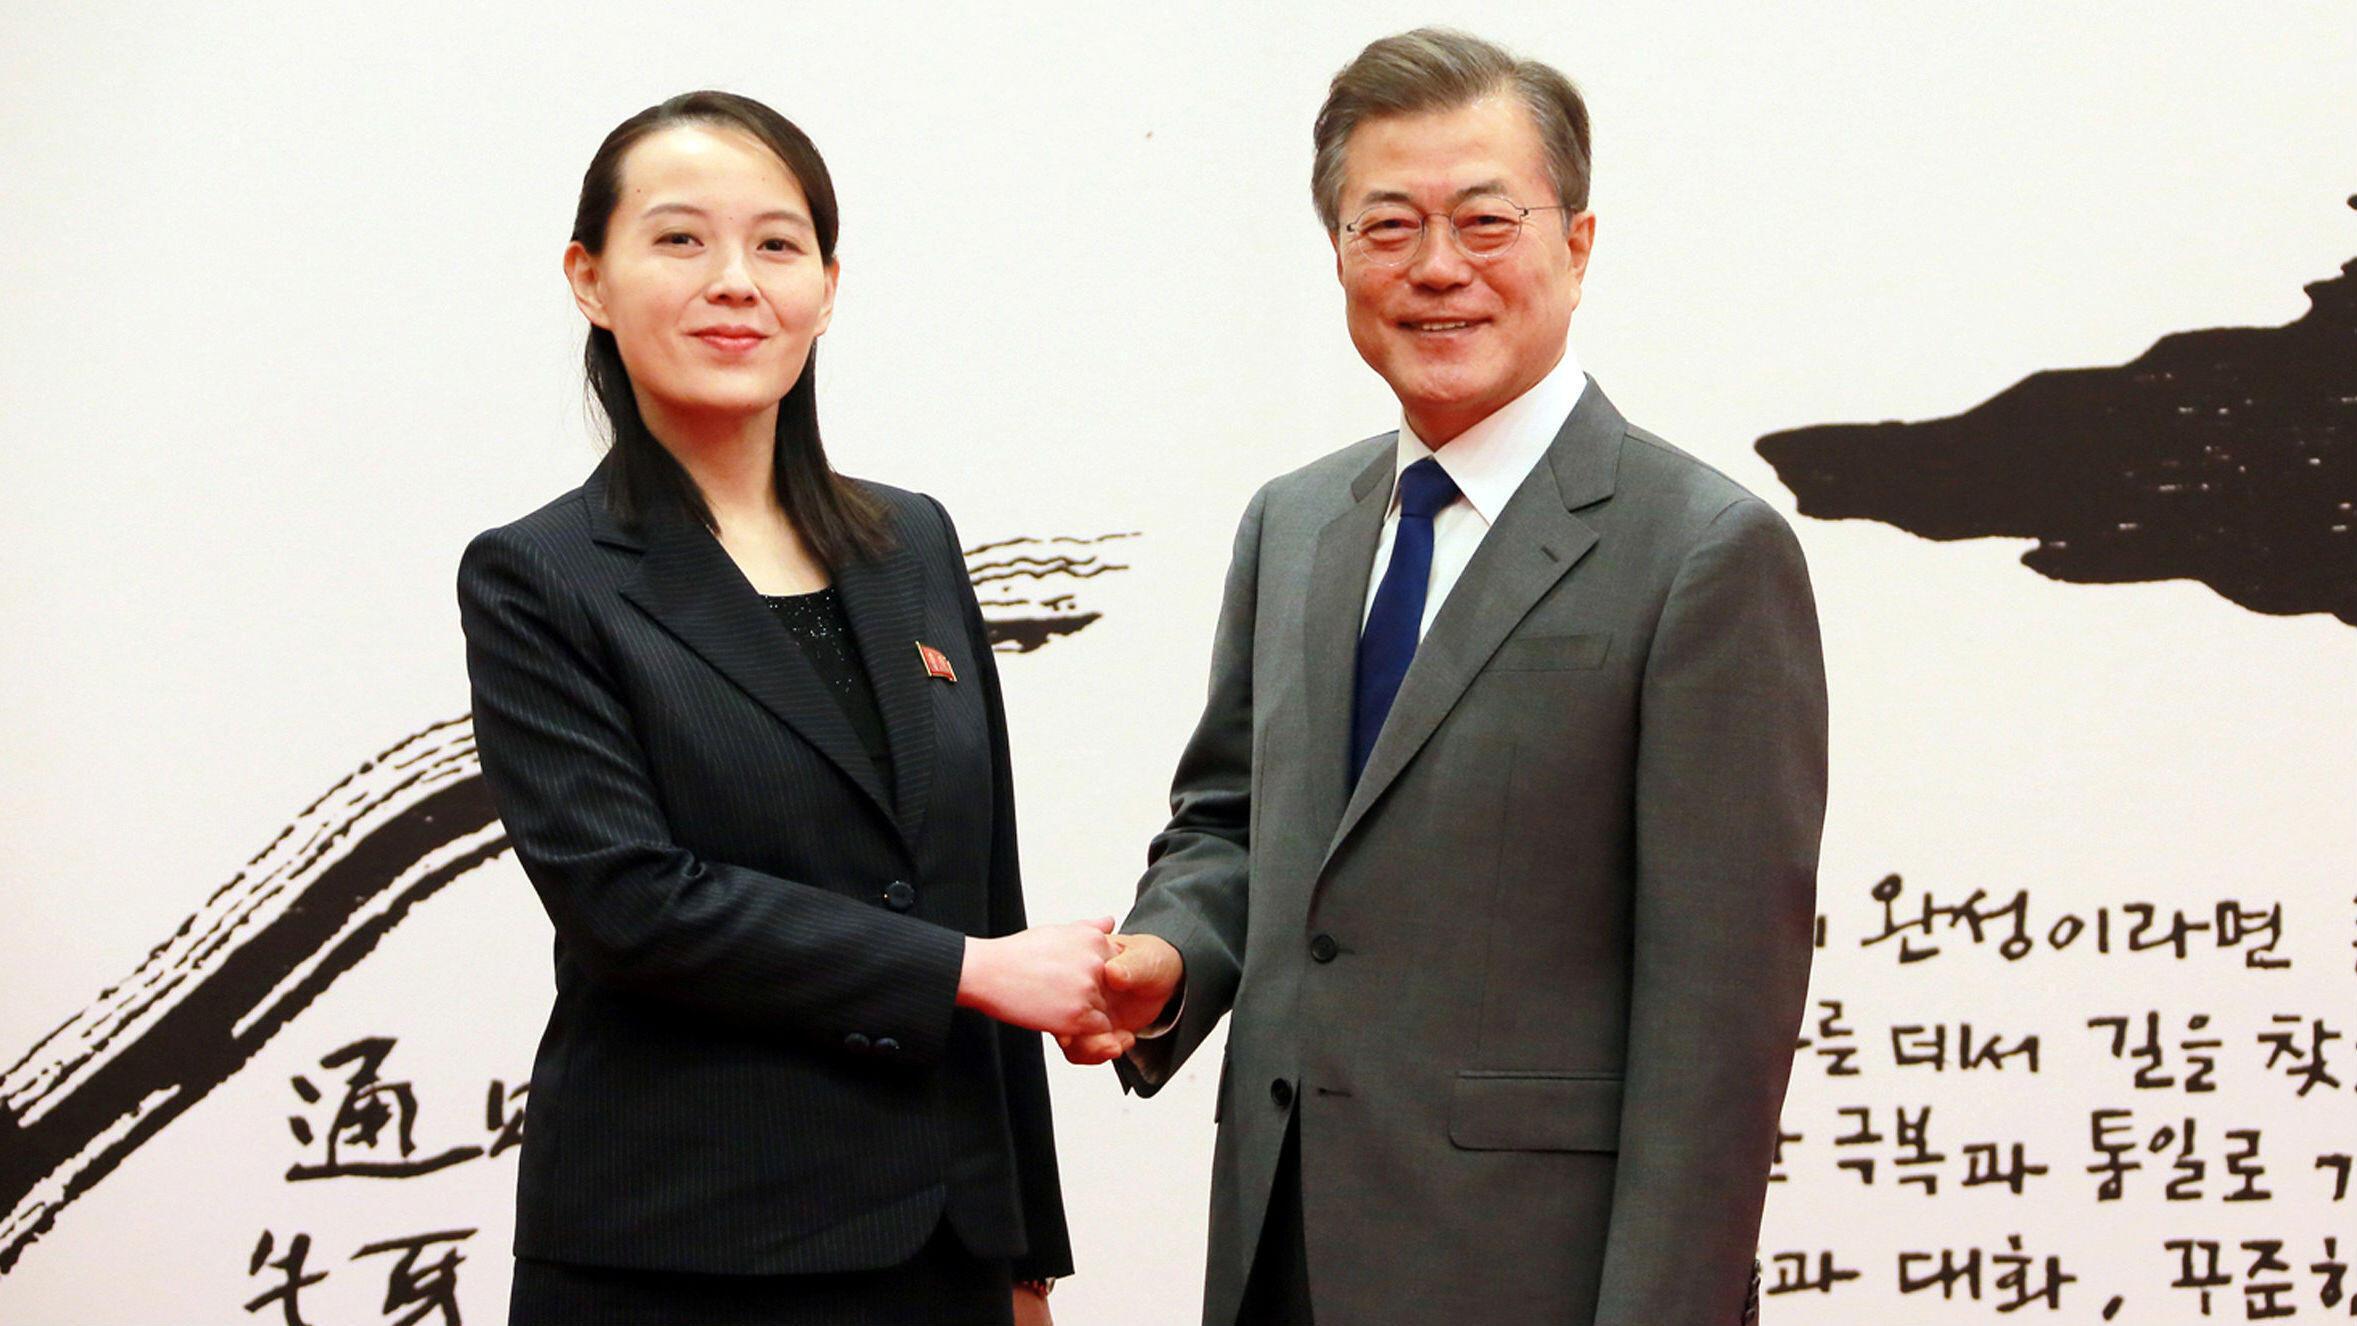 El presidente surcoreano Moon Jae-in estrecha la mano de Kim Yo-jong, hermana del líder norcoreano Kim Jong-un, en Seúl, Corea del Sur, el 10 de febrero de 2018.